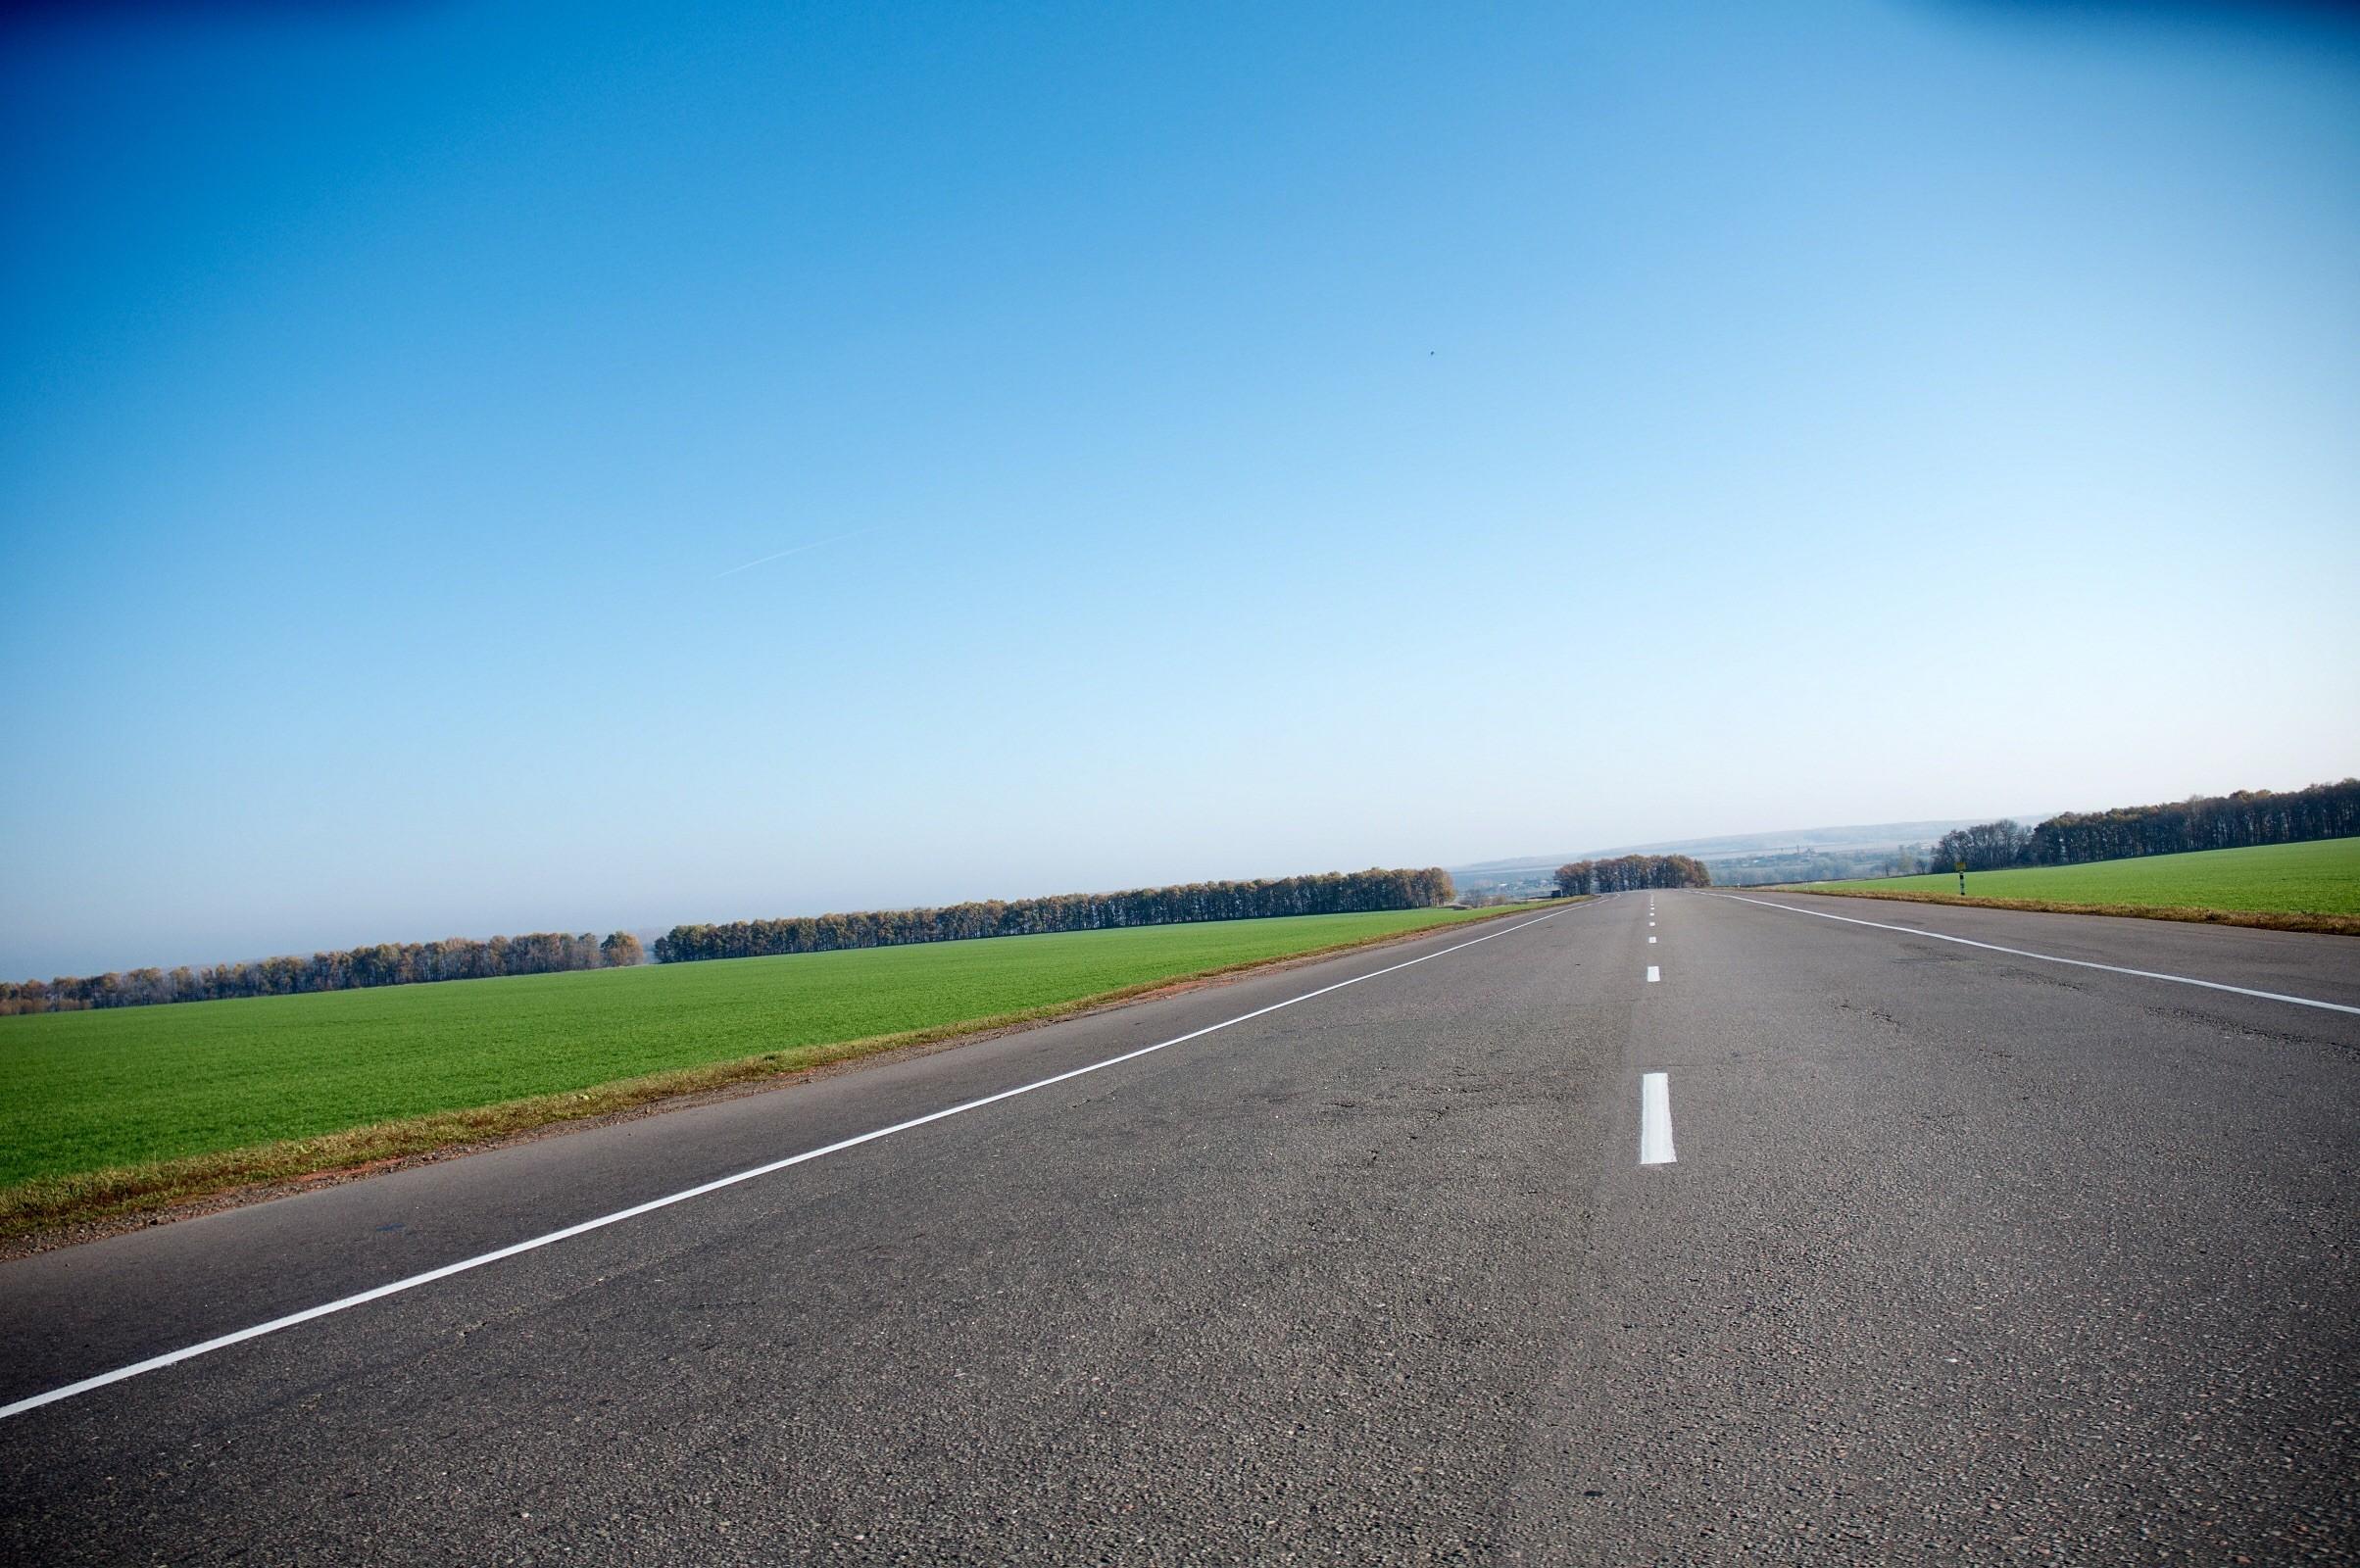 В России появятся дороги для беспилотных автомобилей